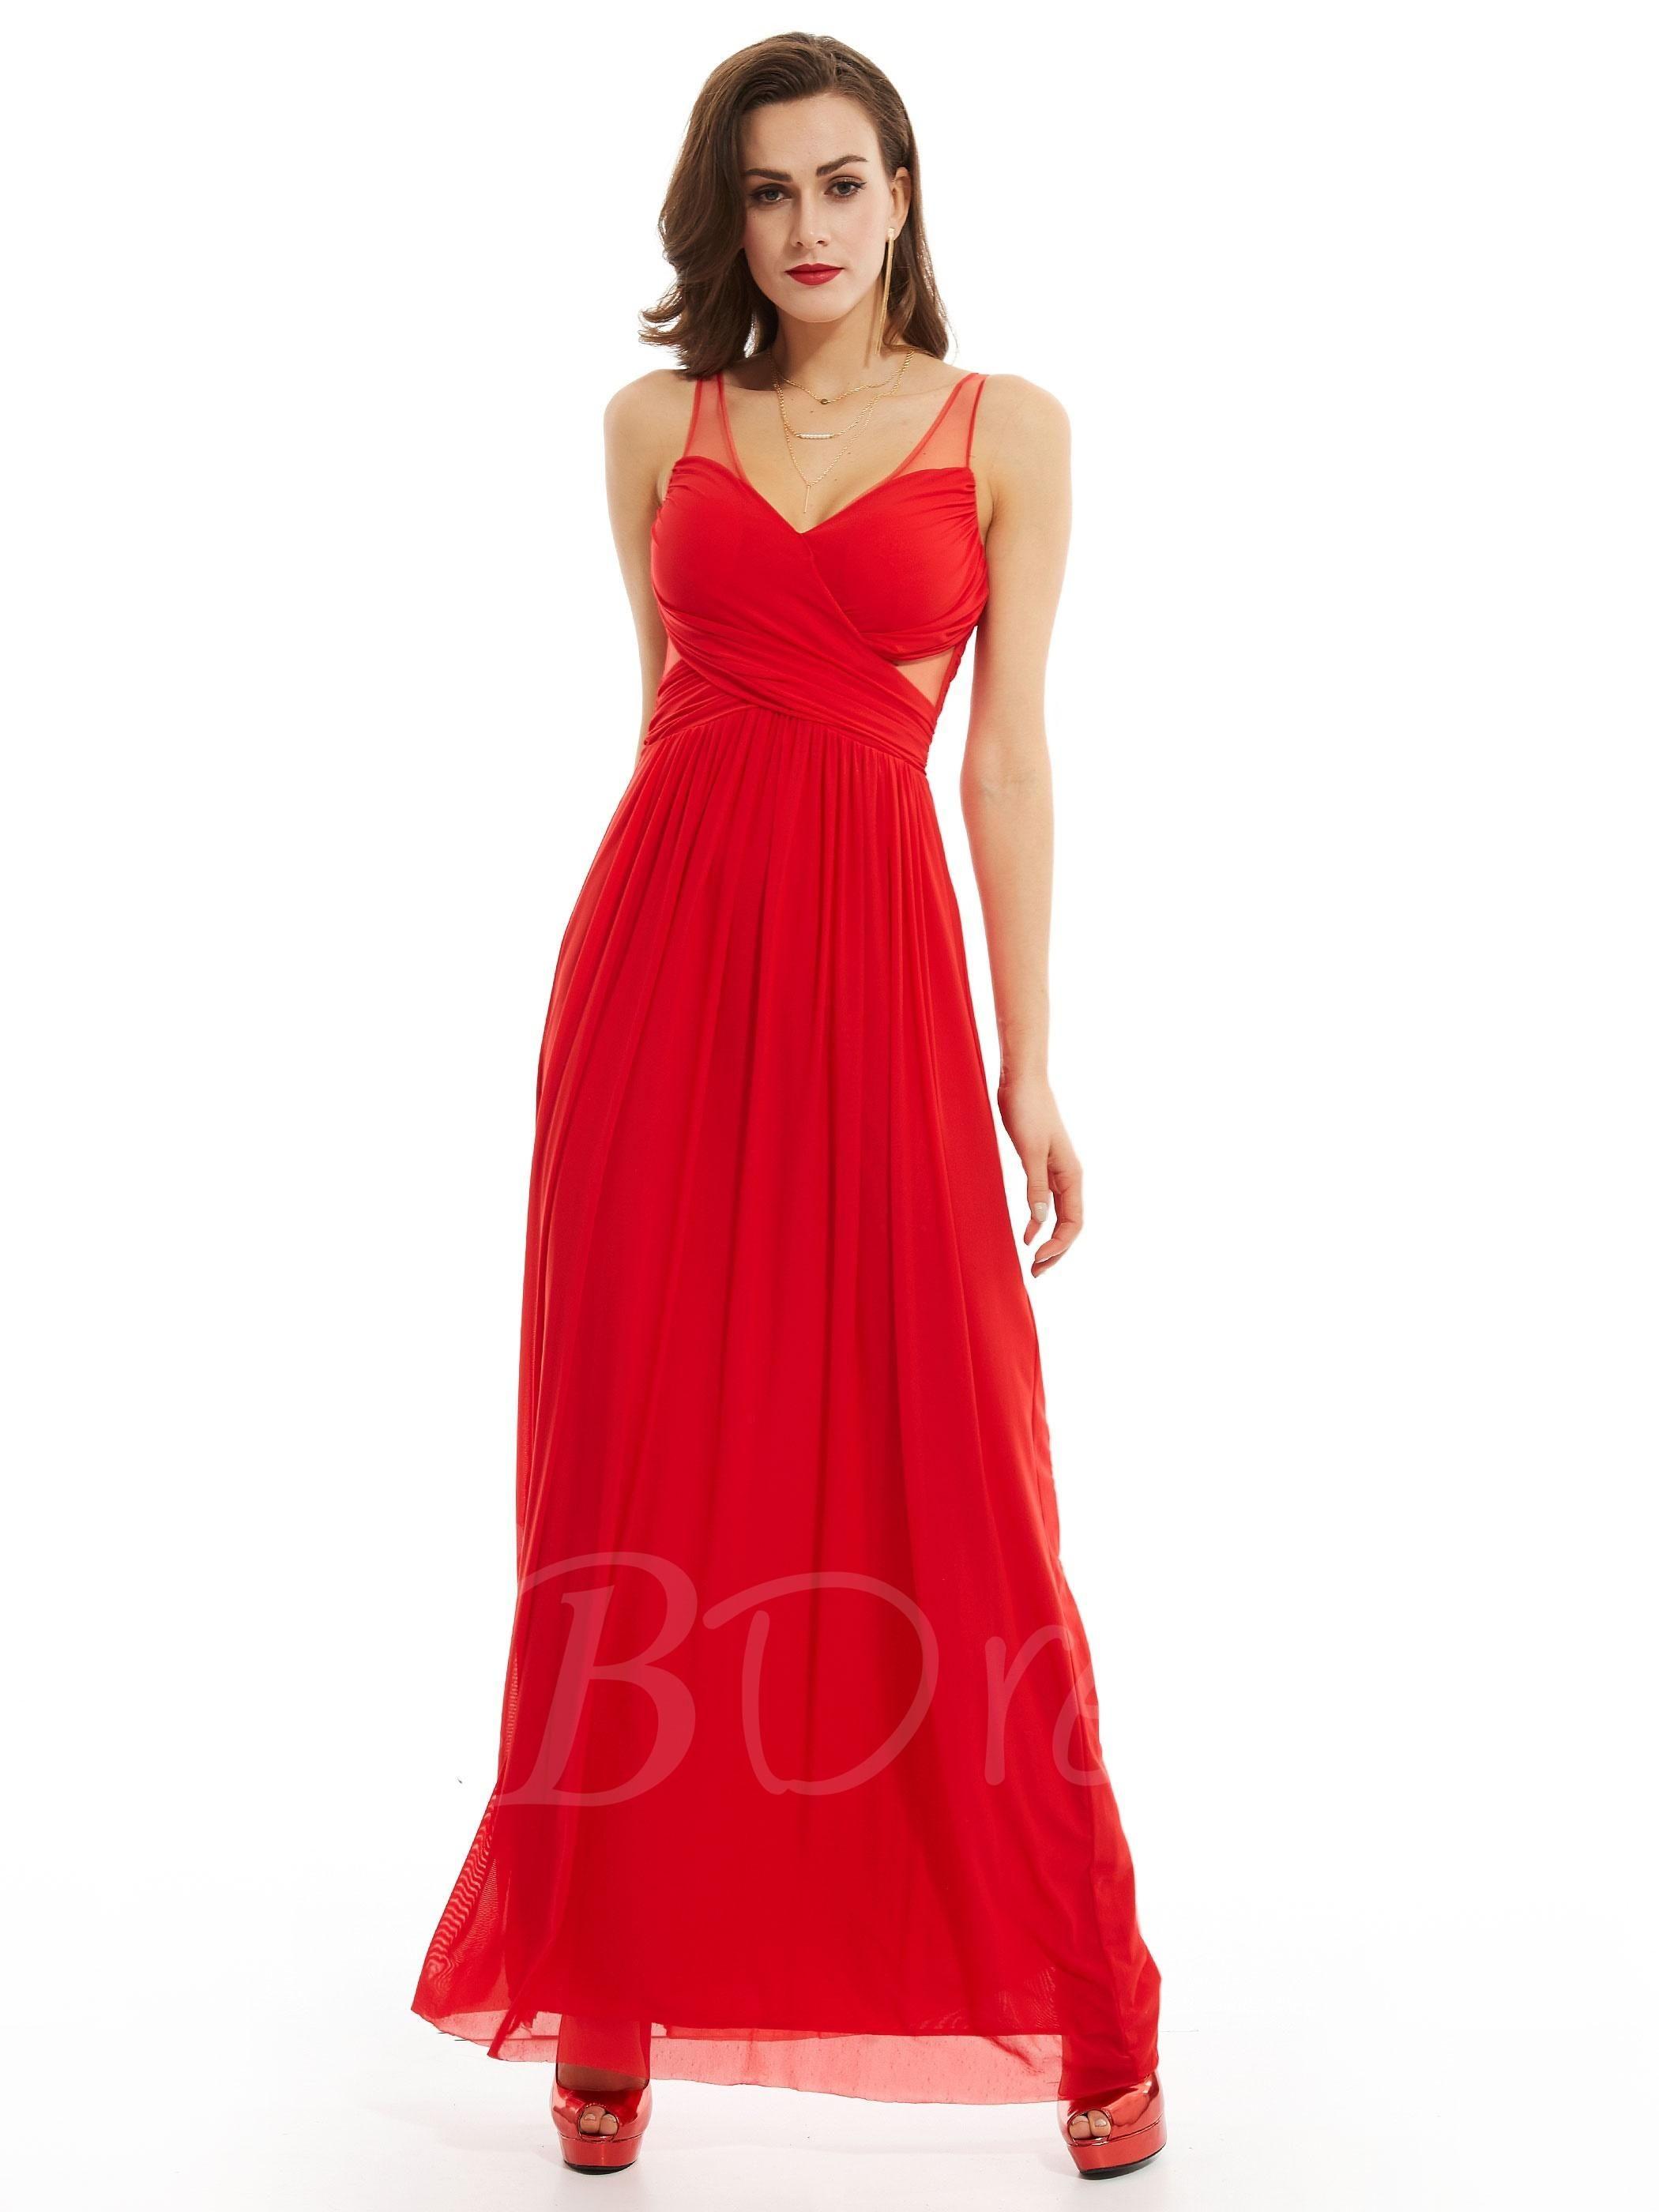 Tbdress tbdress v neck sleeveless zipperup long evening dress